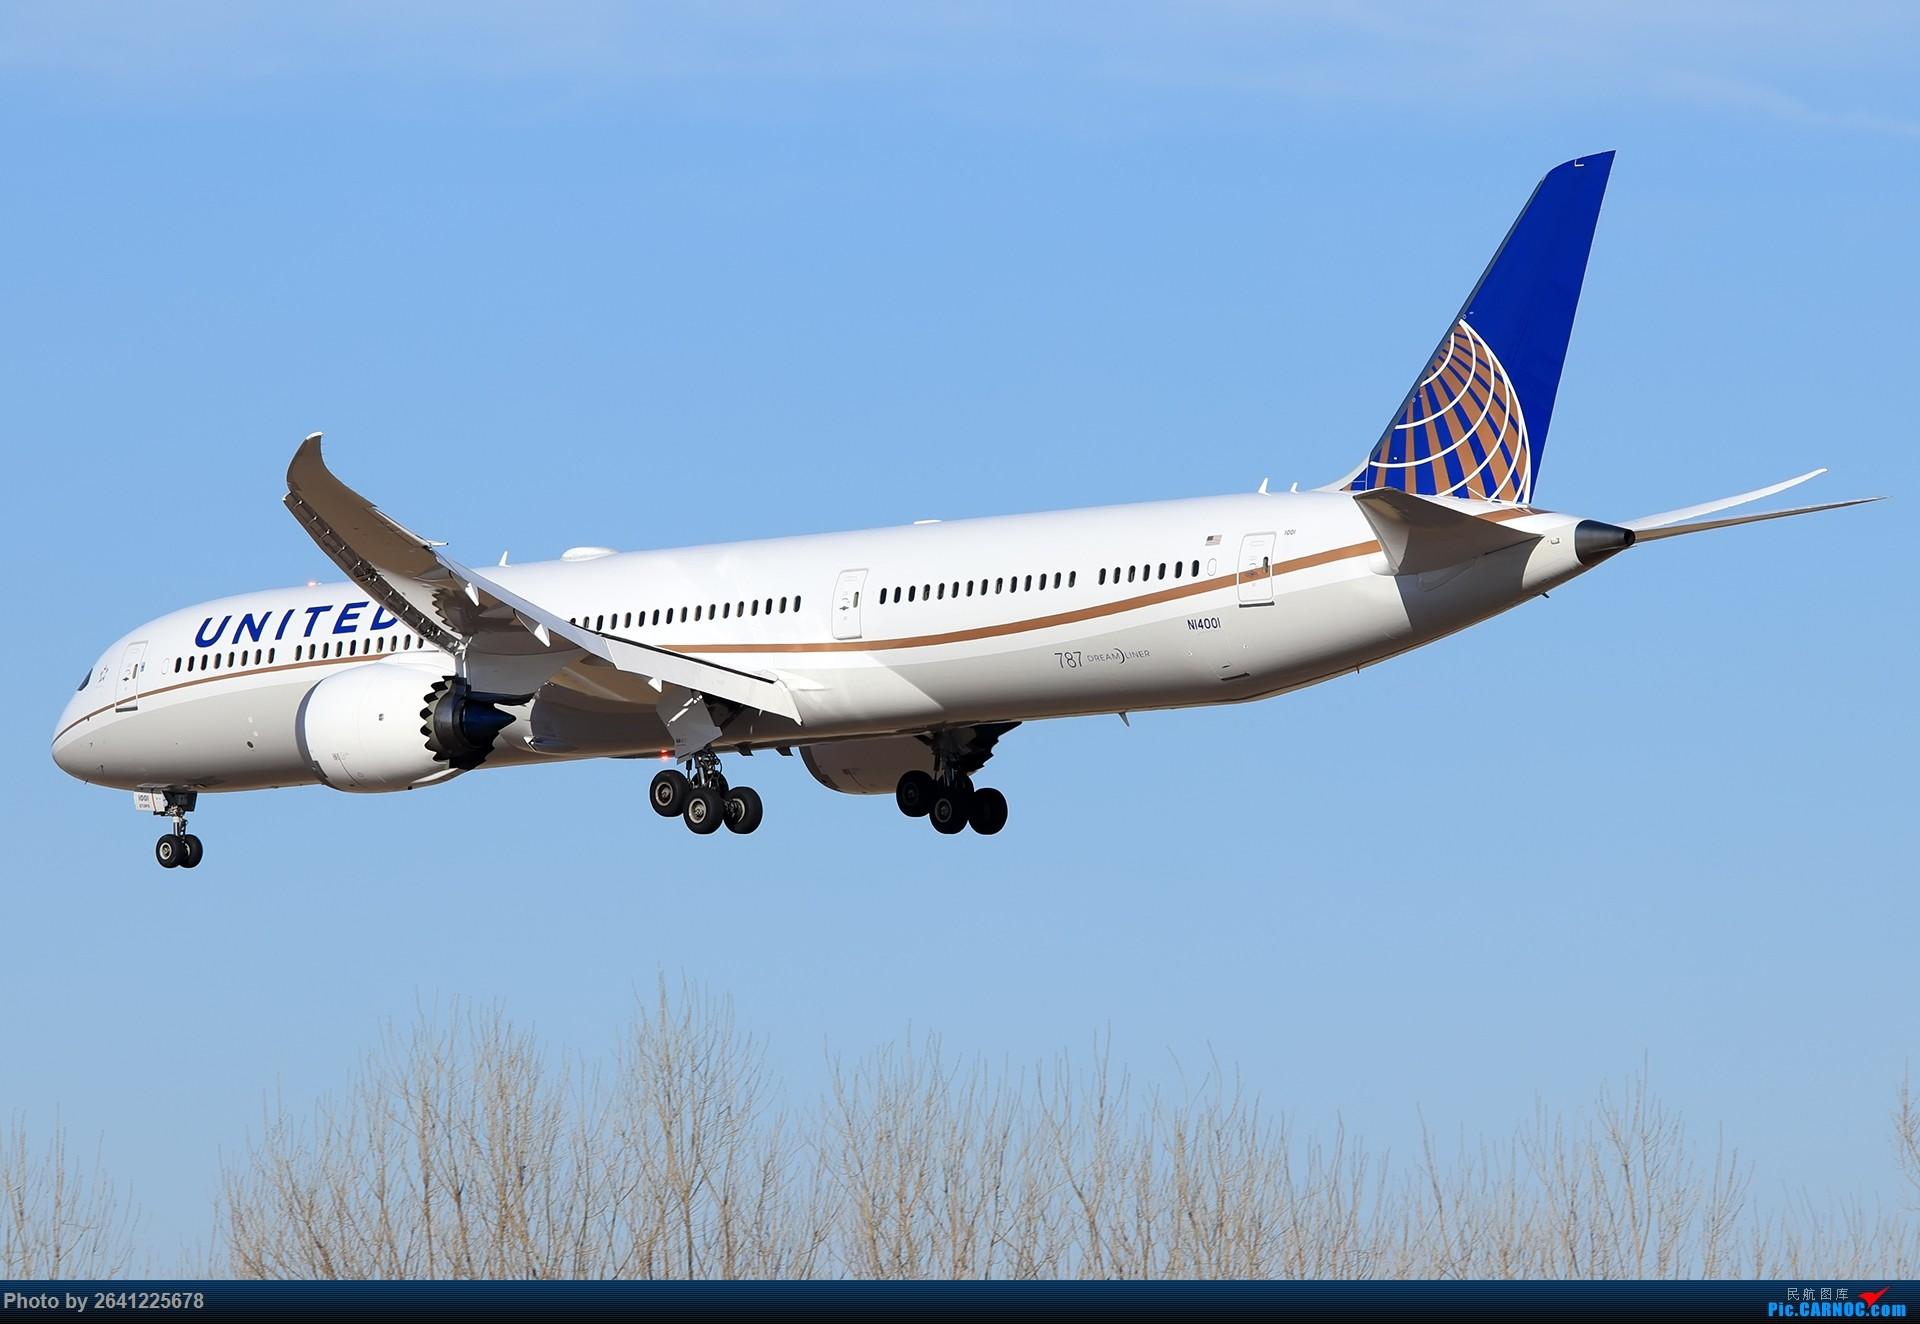 Re:[原创]美联航787-10到访北京,接代表团返回华盛顿 BOEING 787-10 N14001 中国北京首都国际机场